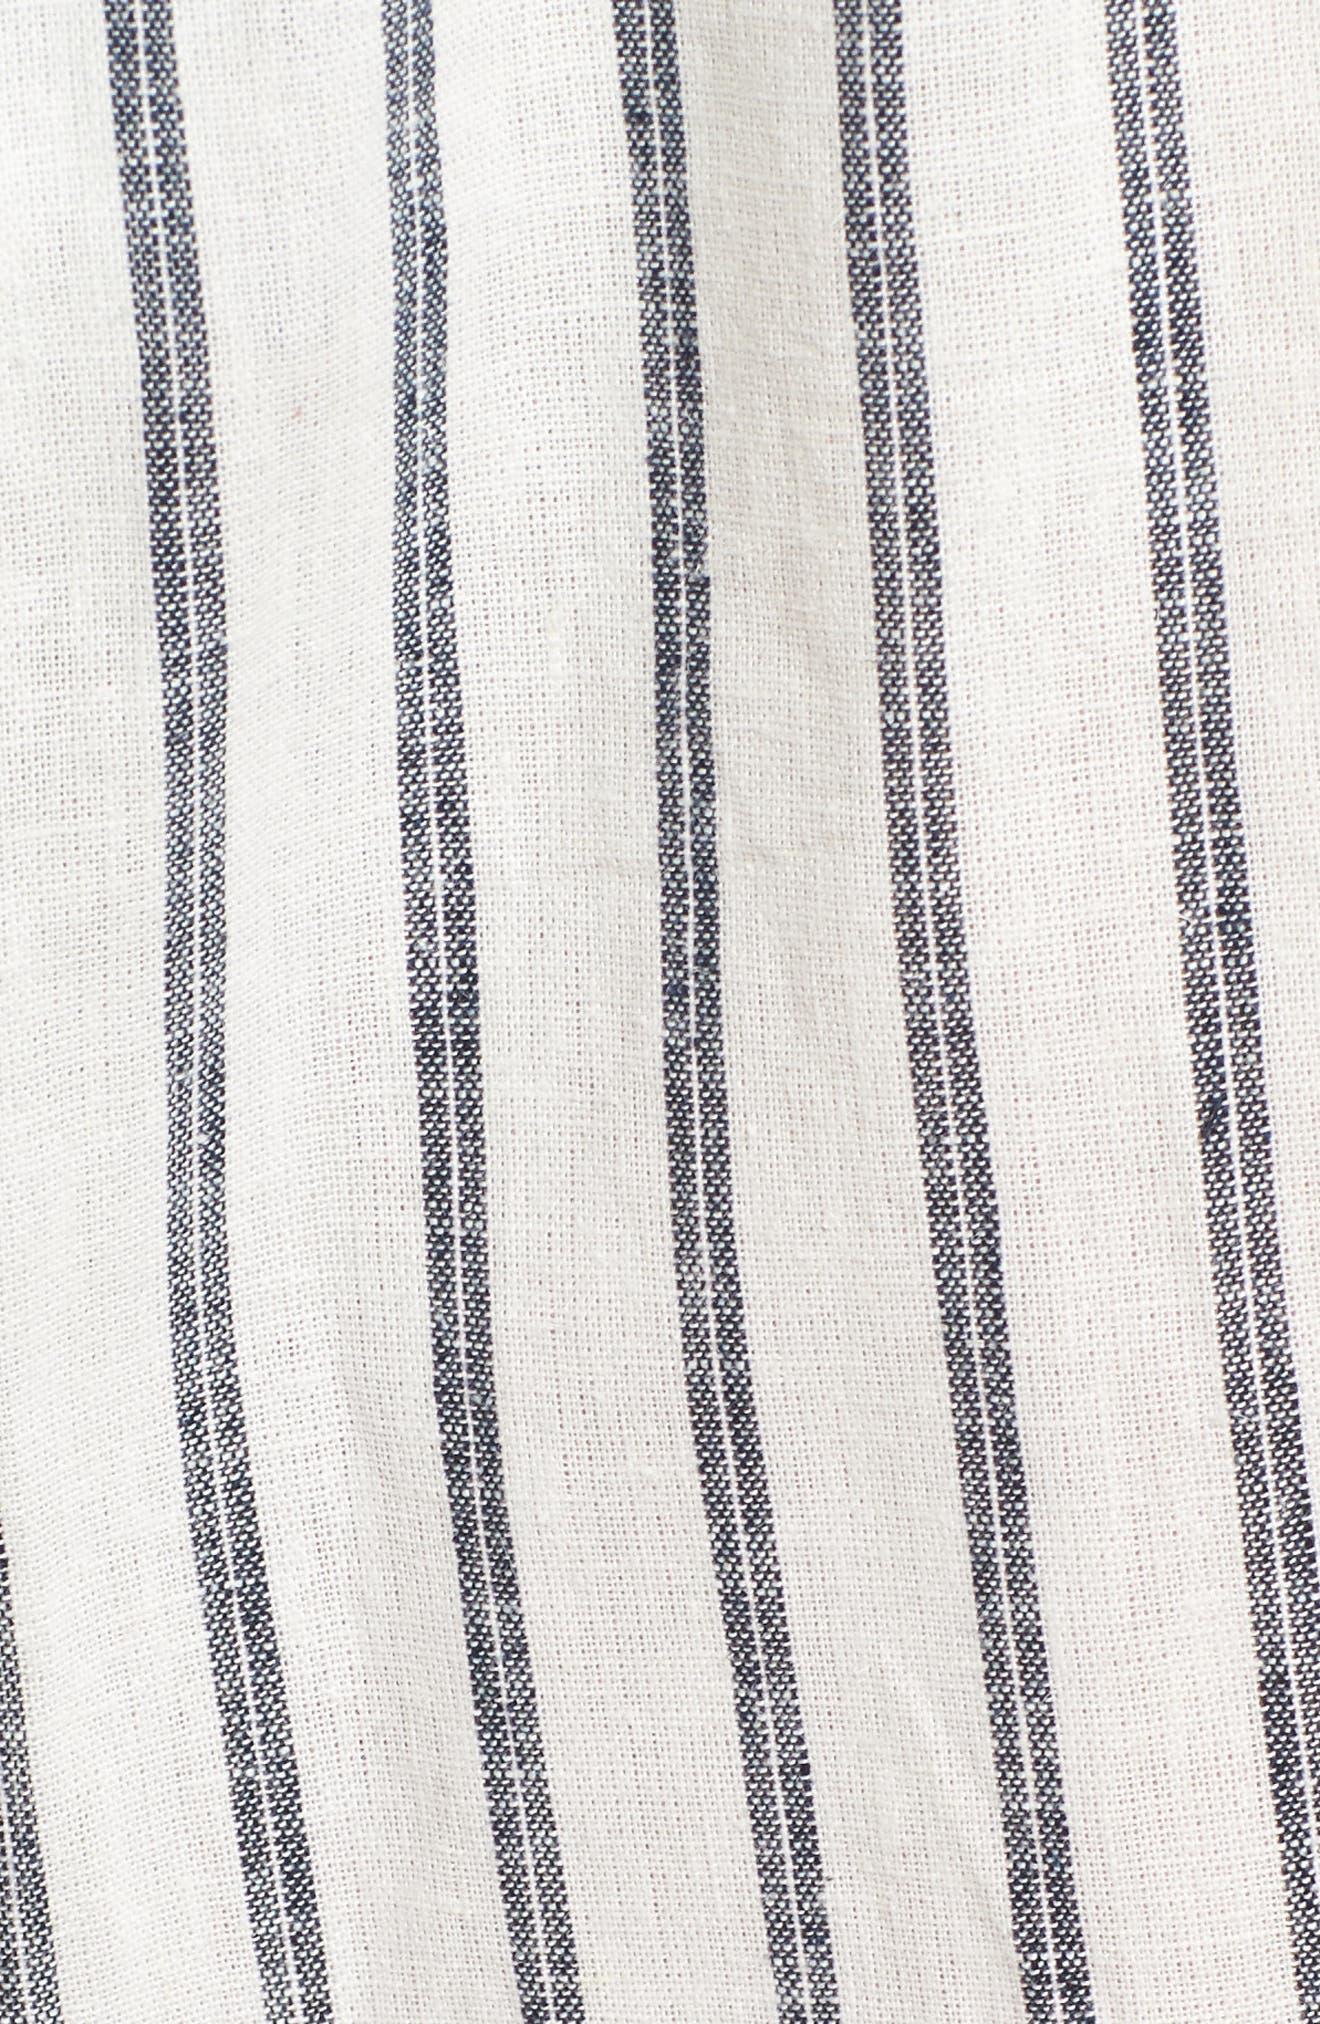 Paper Bag Linen & Cotton Pants,                             Alternate thumbnail 6, color,                             IVORY / BLUE STRIPE